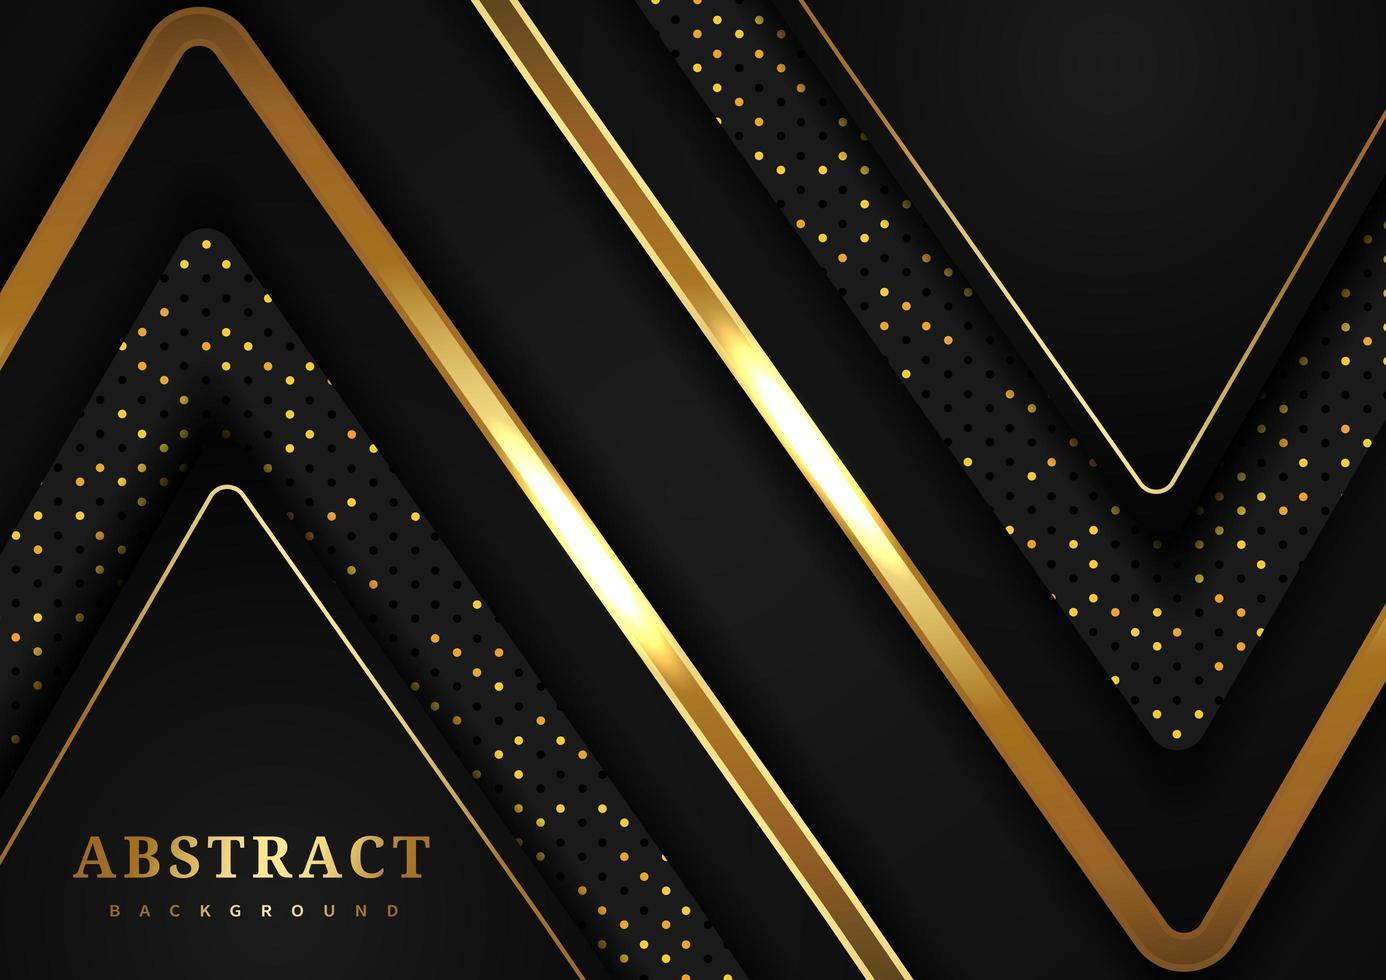 geometrischer Hintergrund des schwarzen und goldenen Dreiecks vektor